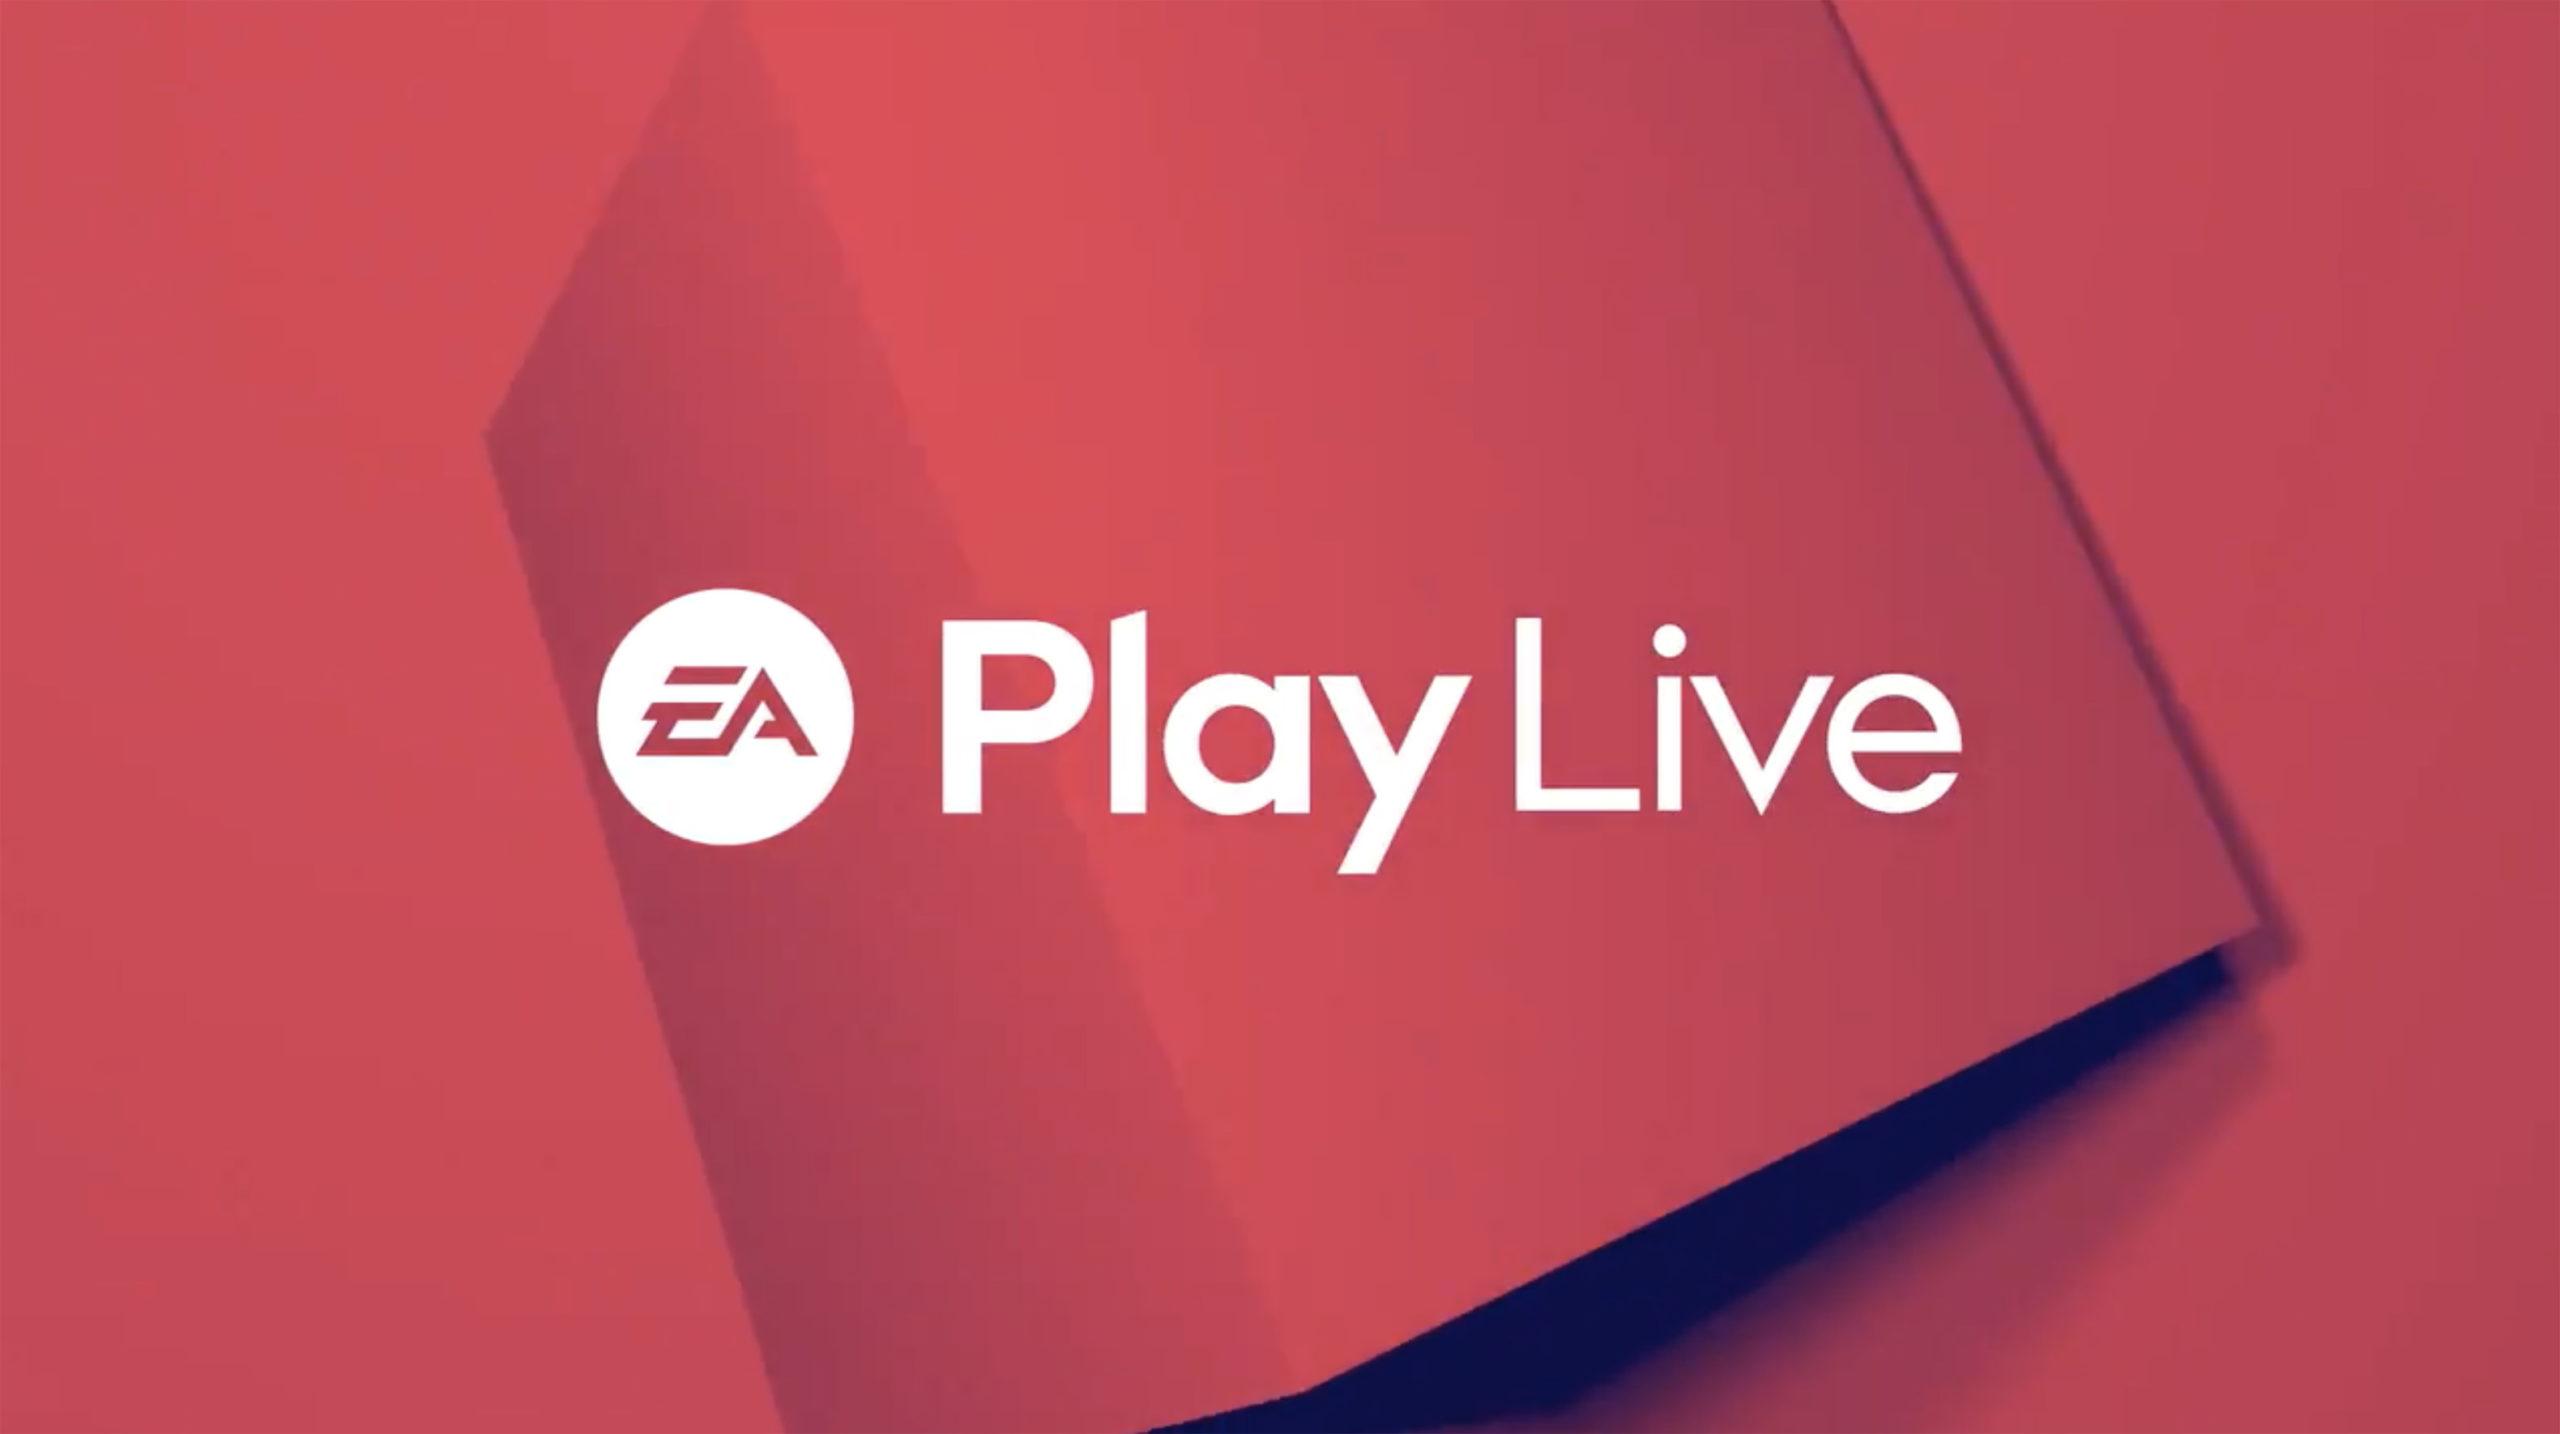 EA Postpones EA Play Event